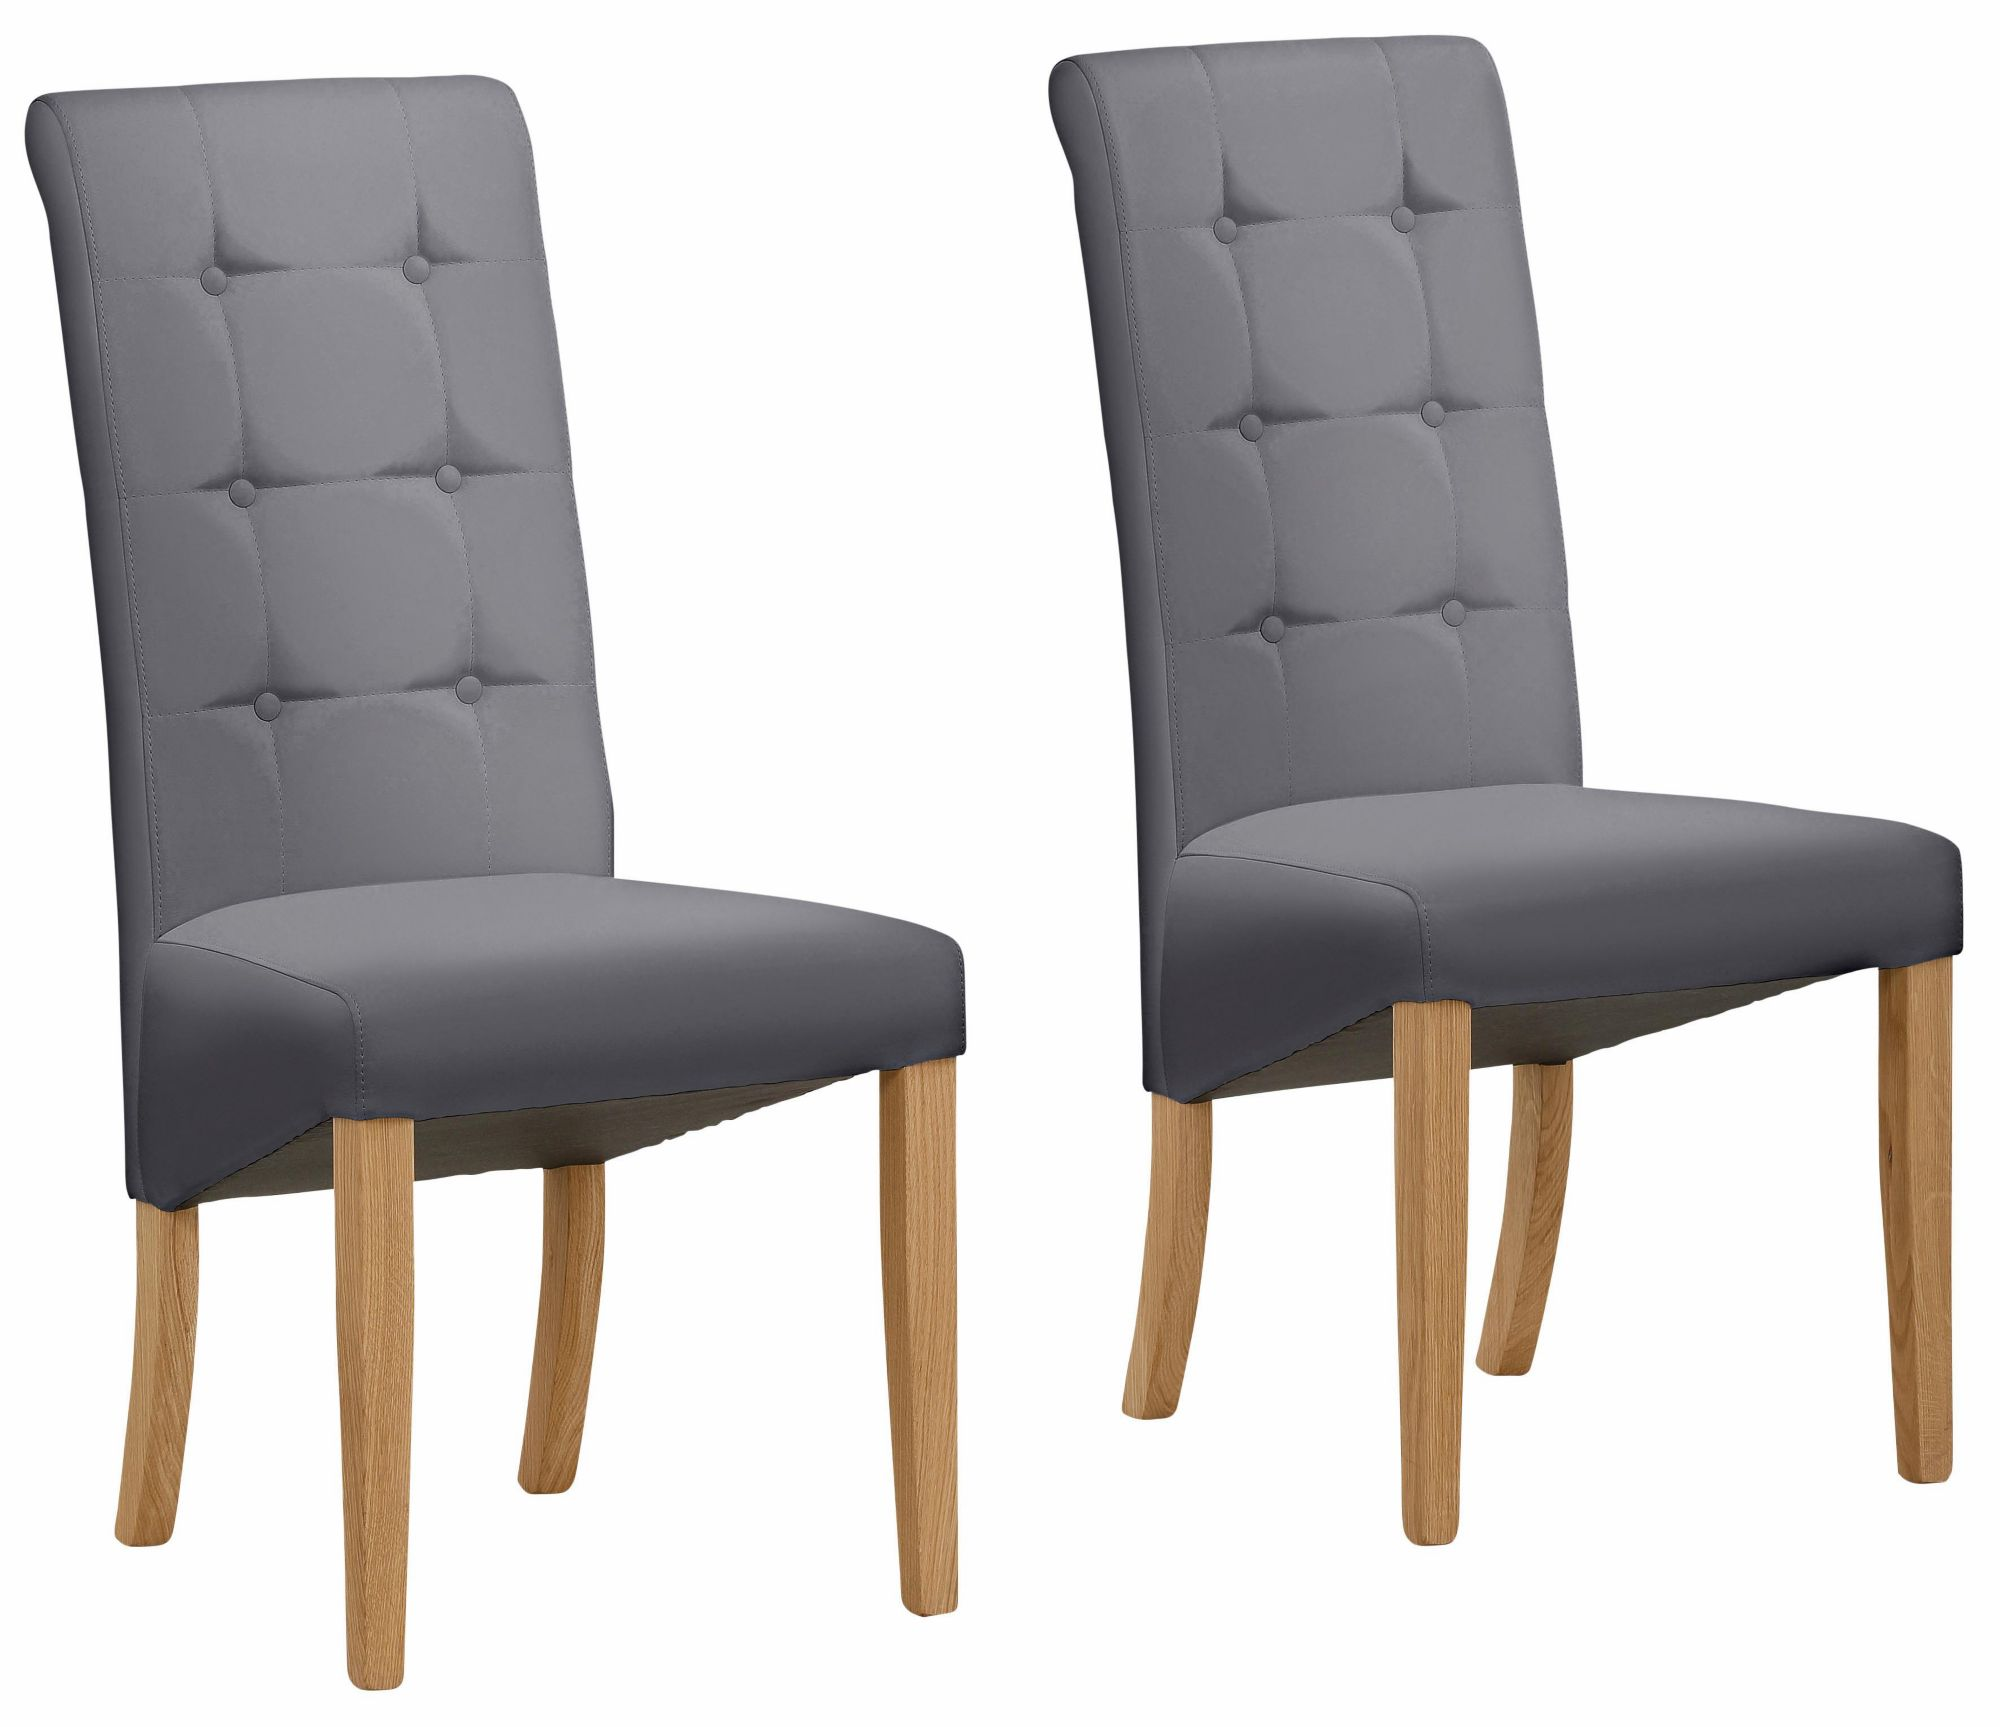 stuhl microfaser g nstig online kaufen beim schwab versand. Black Bedroom Furniture Sets. Home Design Ideas